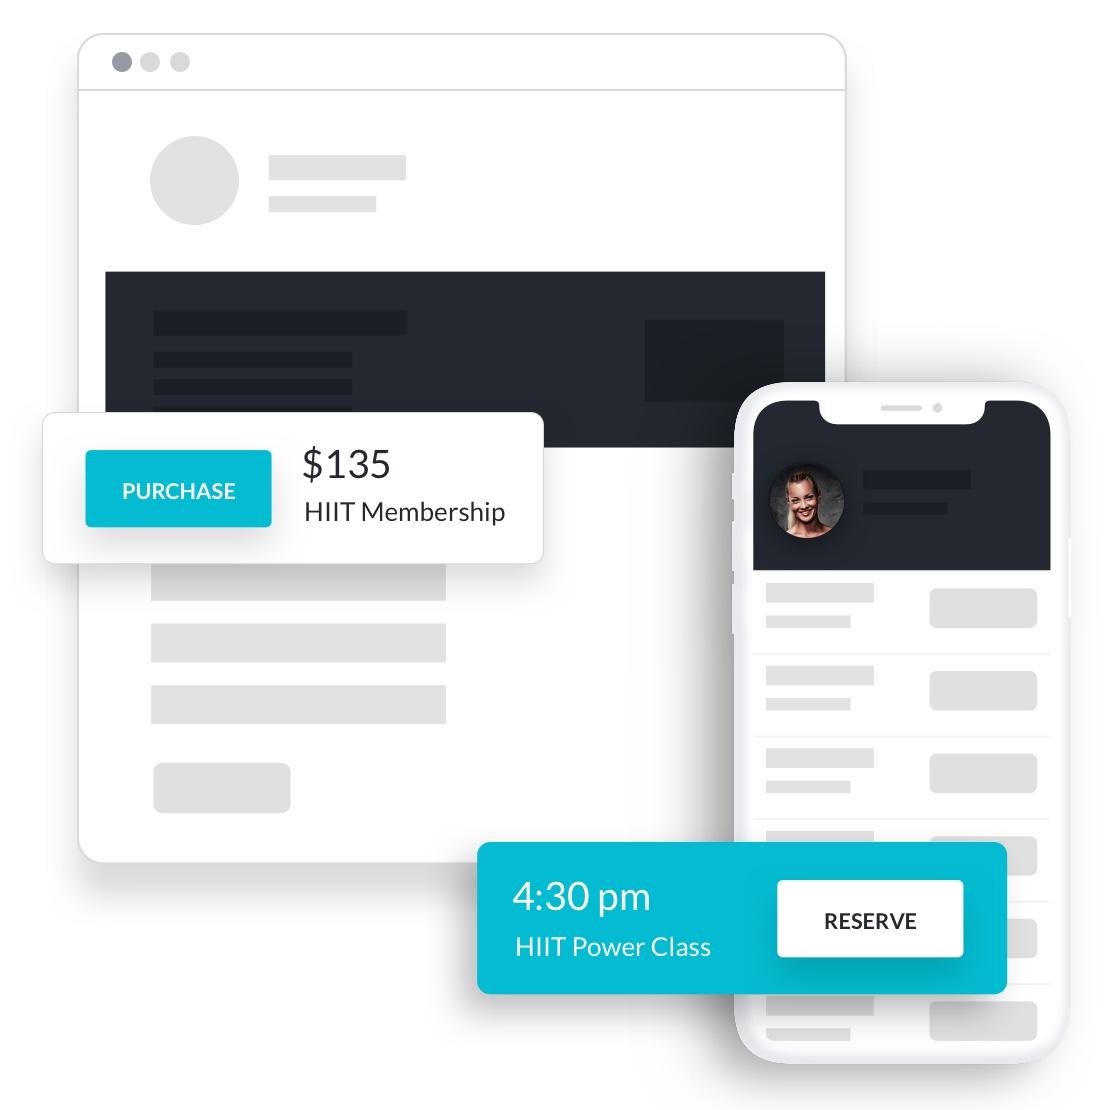 hiit studio software - run your studio better - ecosystem product shot